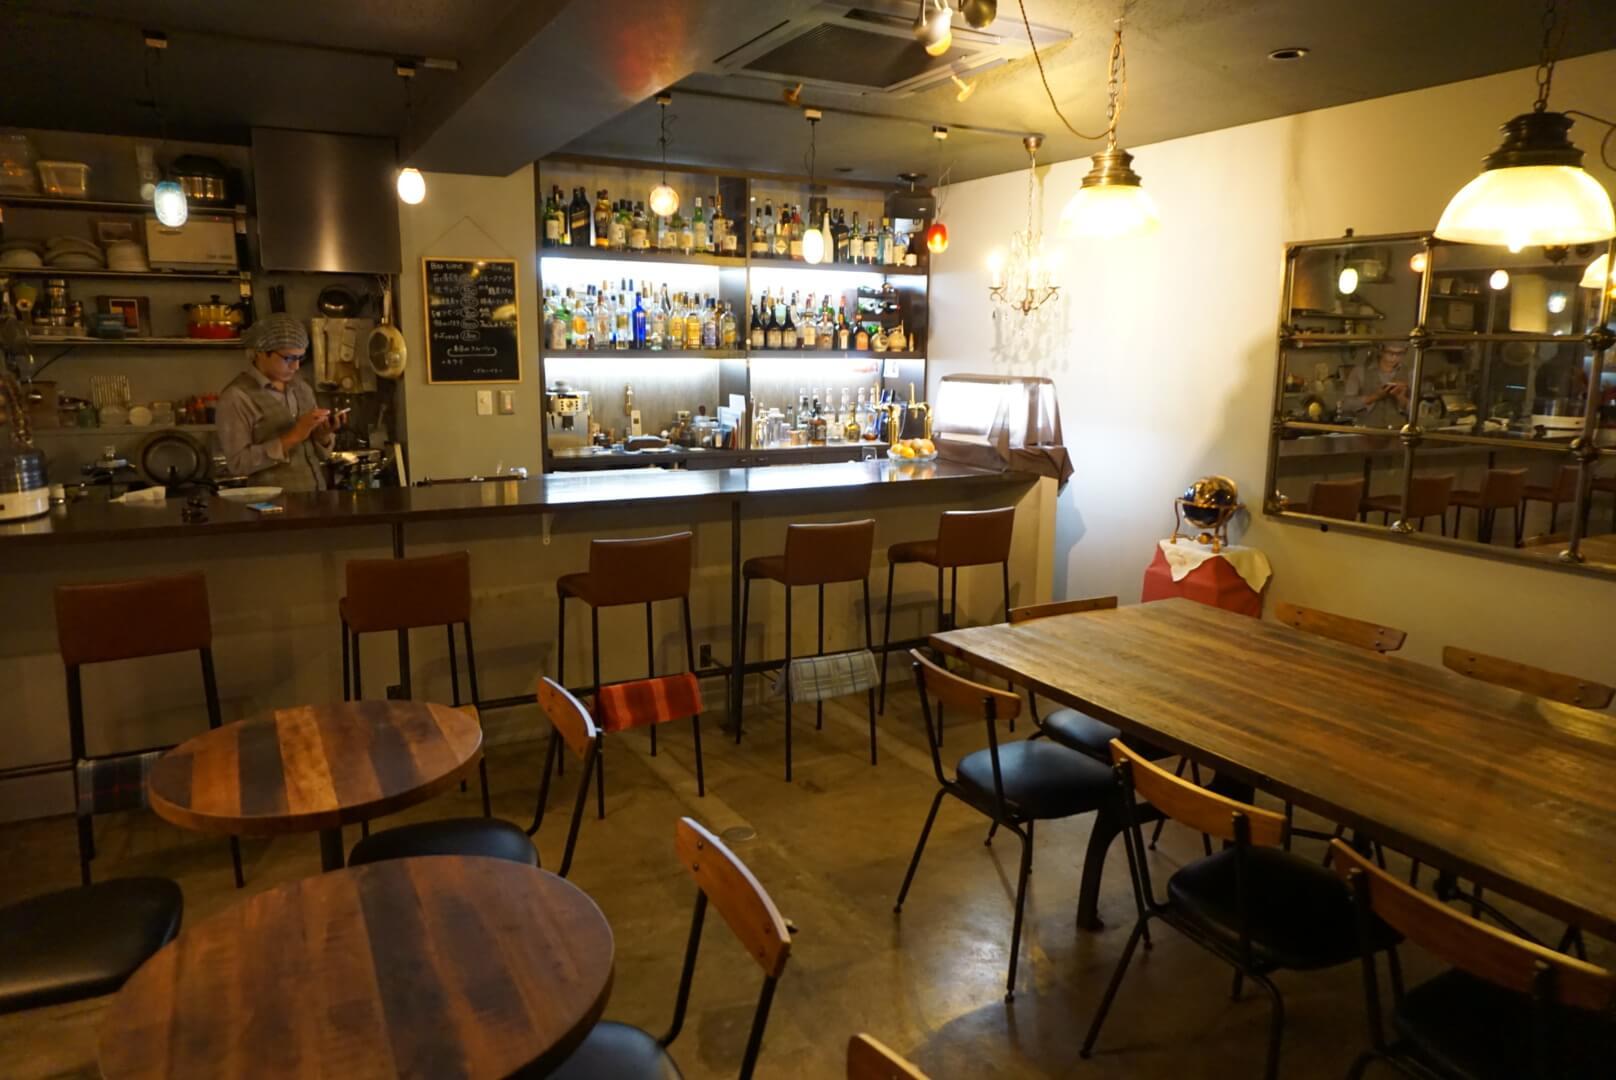 高岡町で見つけた昼カフェ、夜バーな使い勝手のいい隠れ家的なお店『THE MIRROR CAFE』